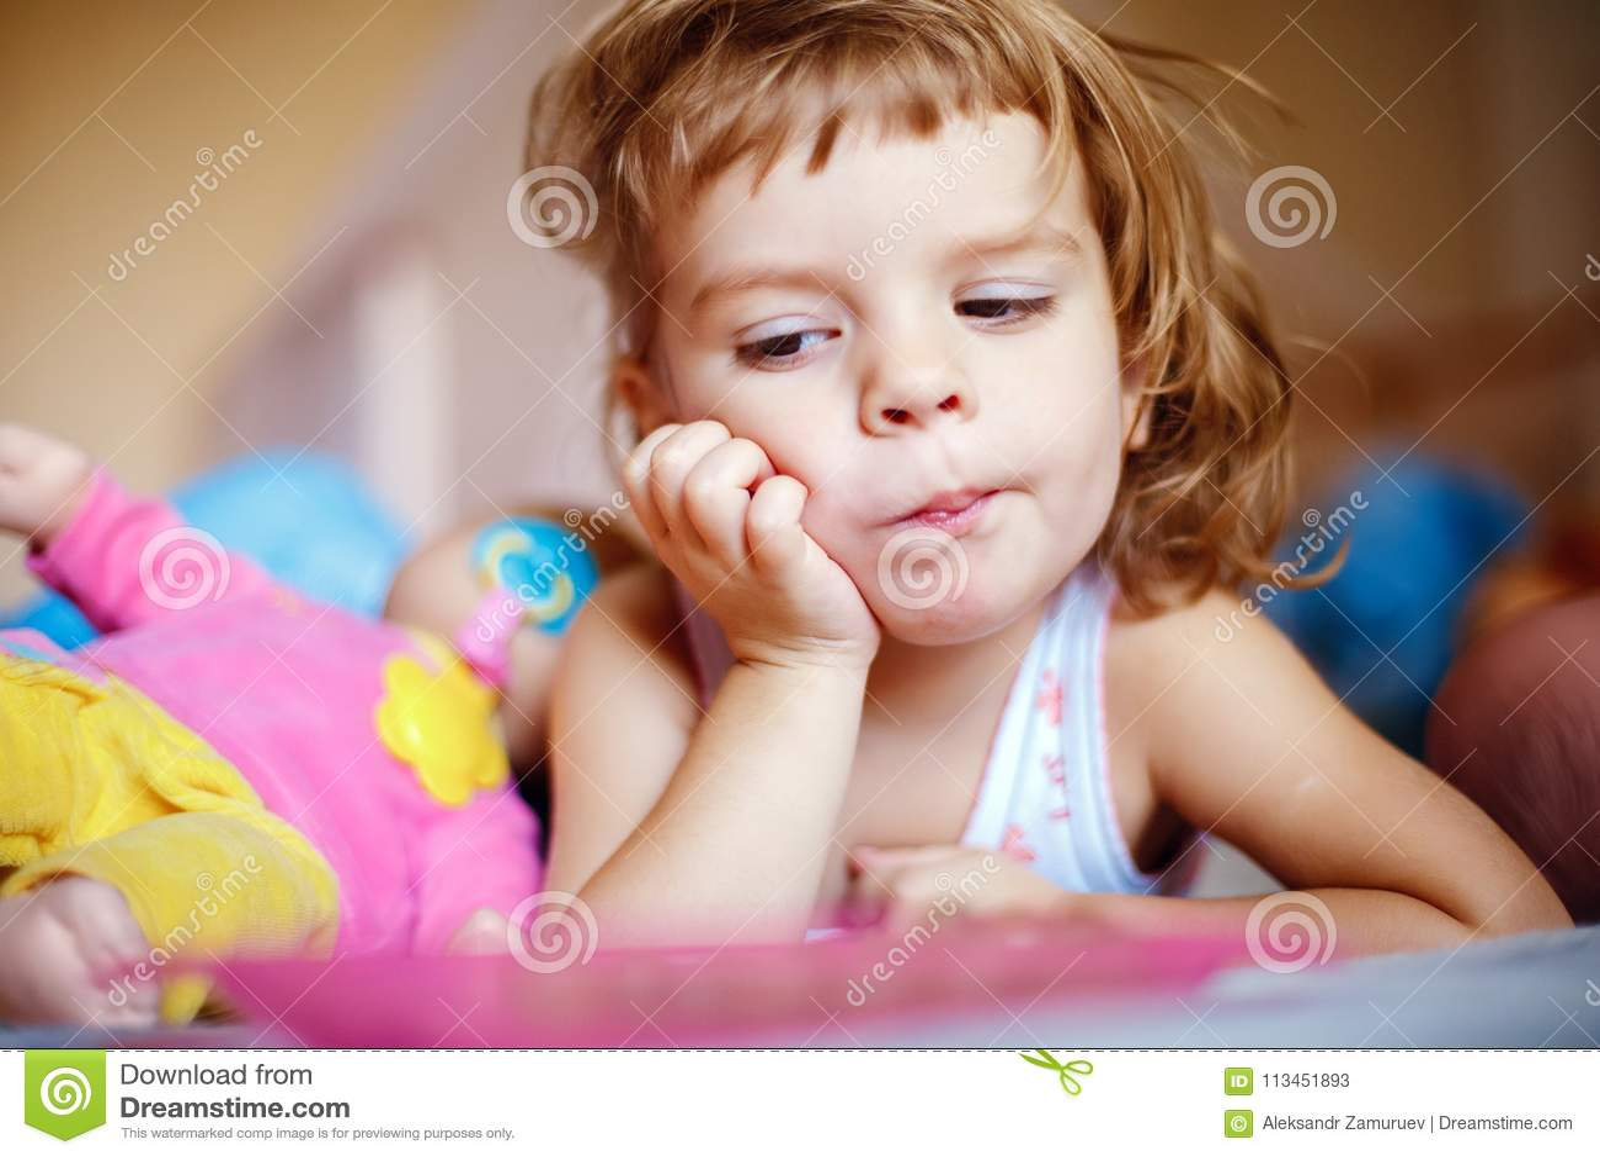 Маленькая девочка есть виноградины на кровати